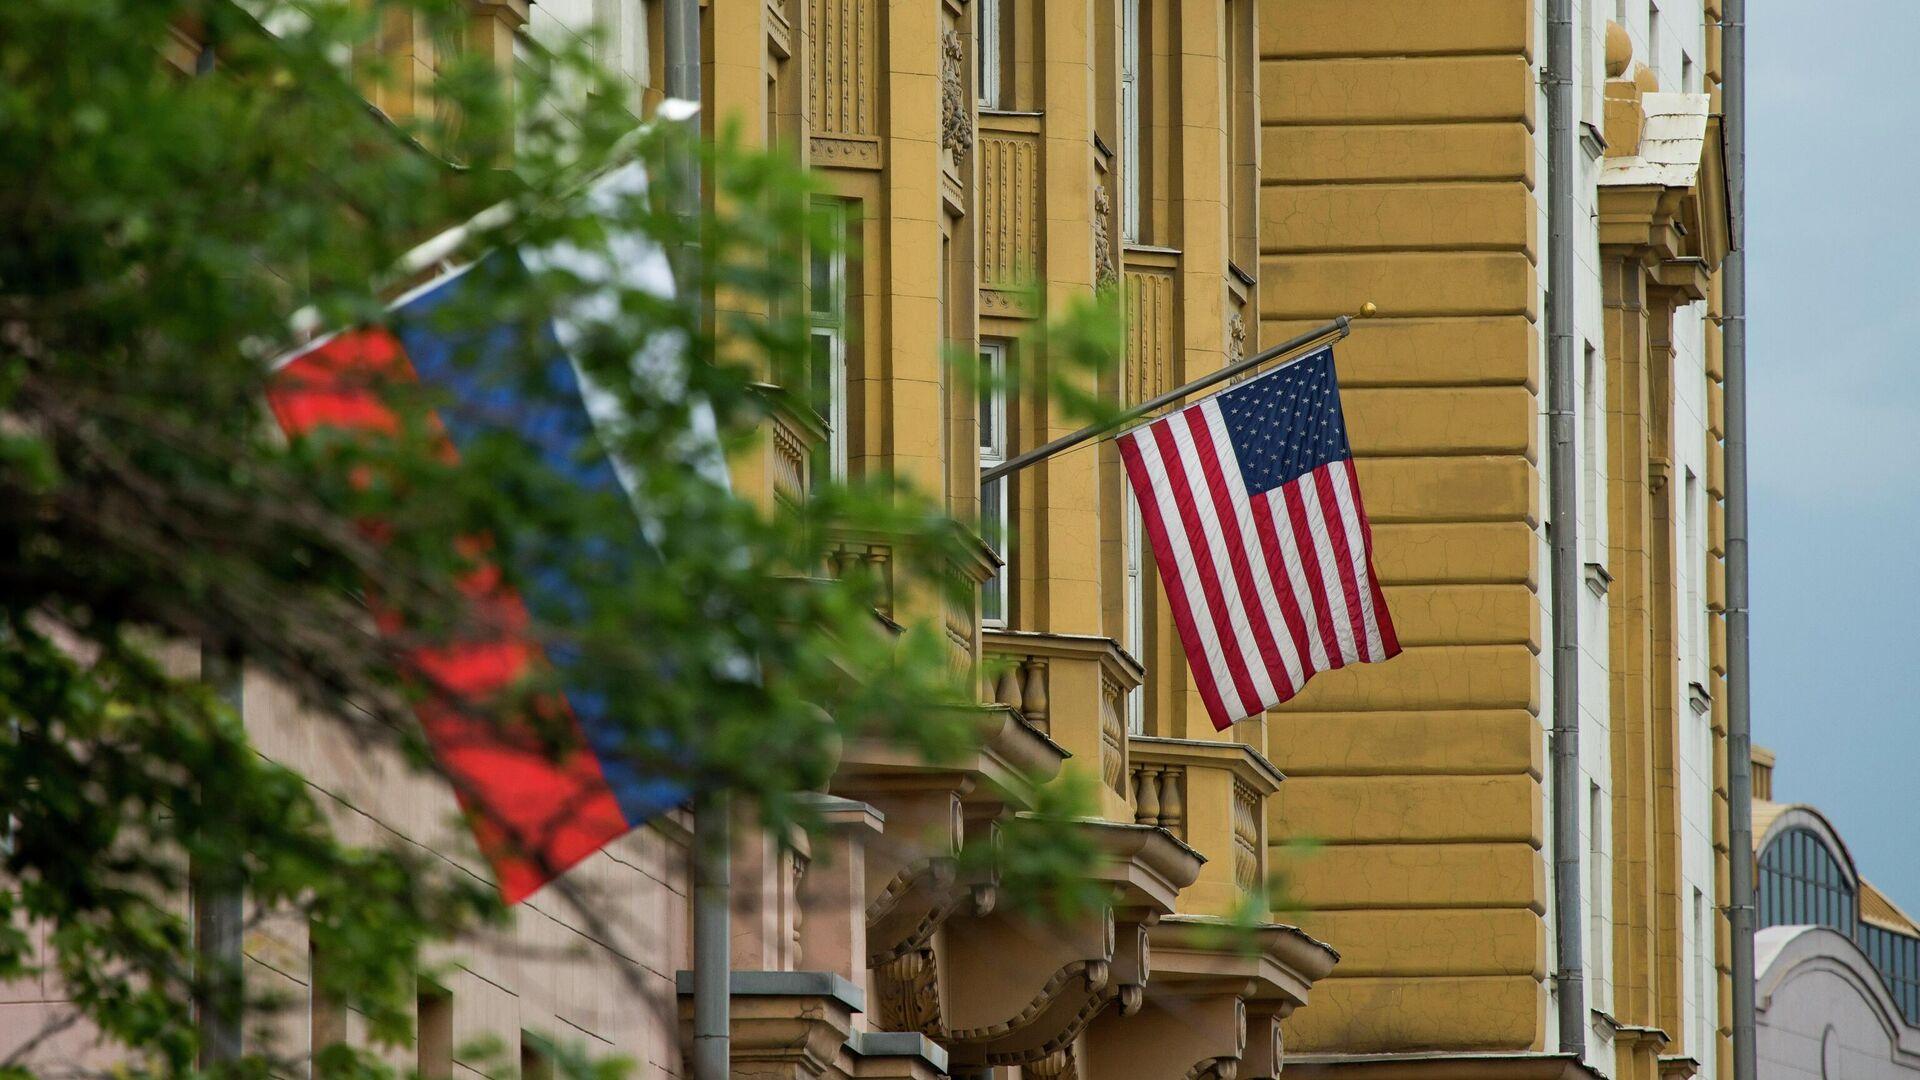 Посольство США в Москве  - РИА Новости, 1920, 25.07.2021